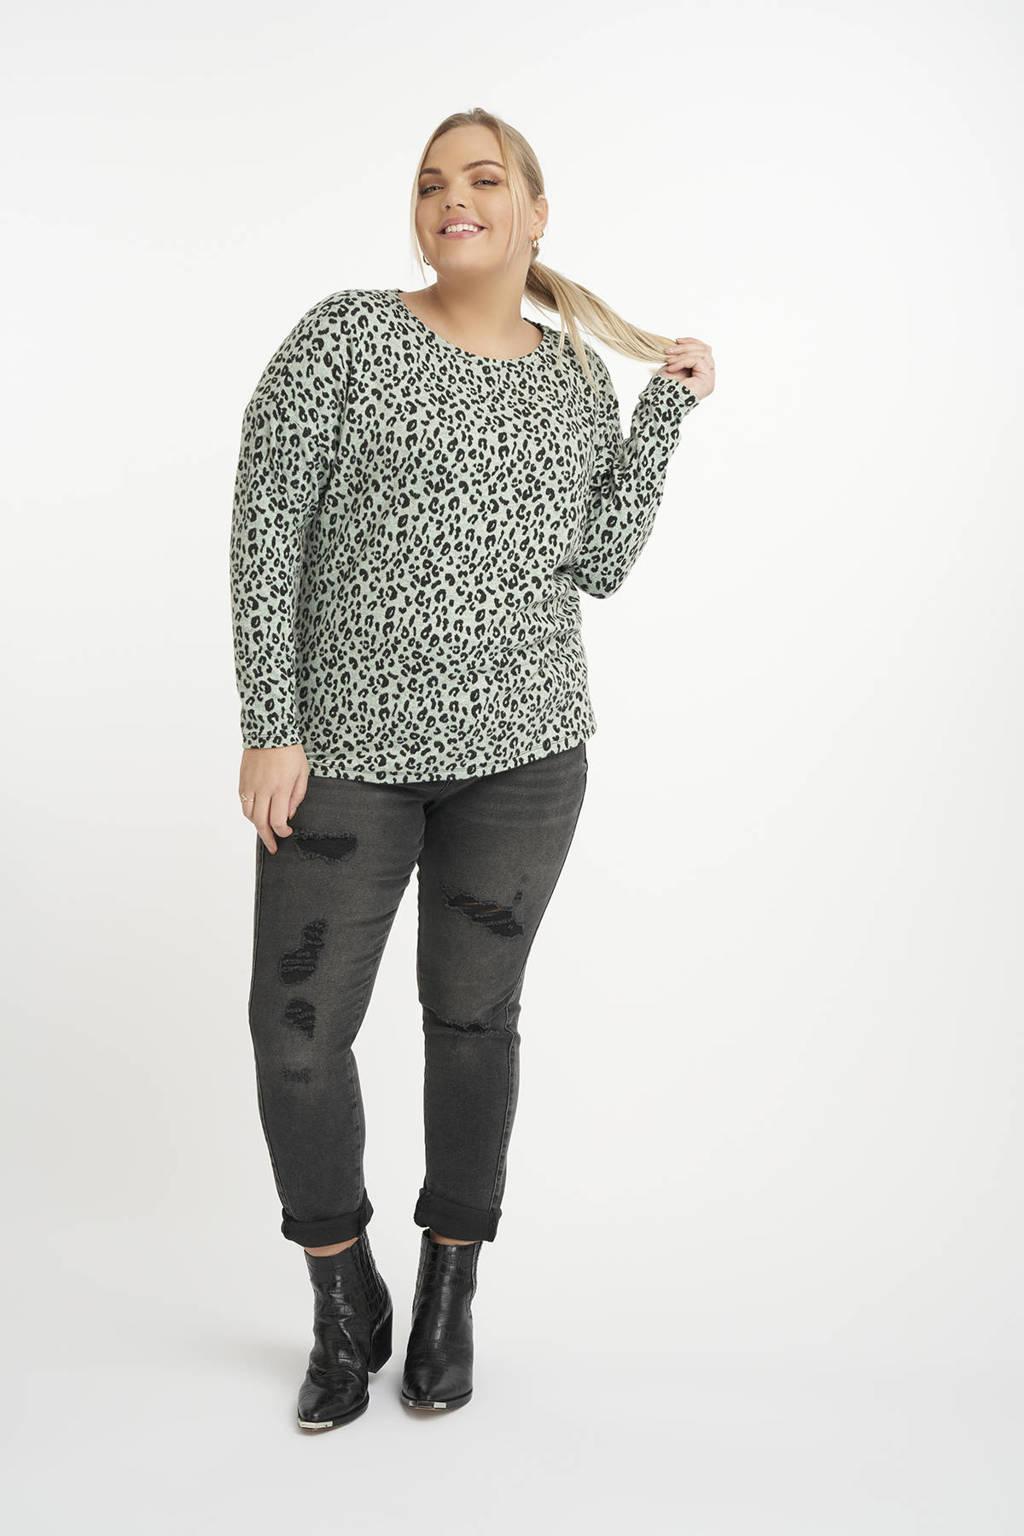 MS Mode fijngebreide top met panterprint mintgroen/zwart, Mintgroen/zwart